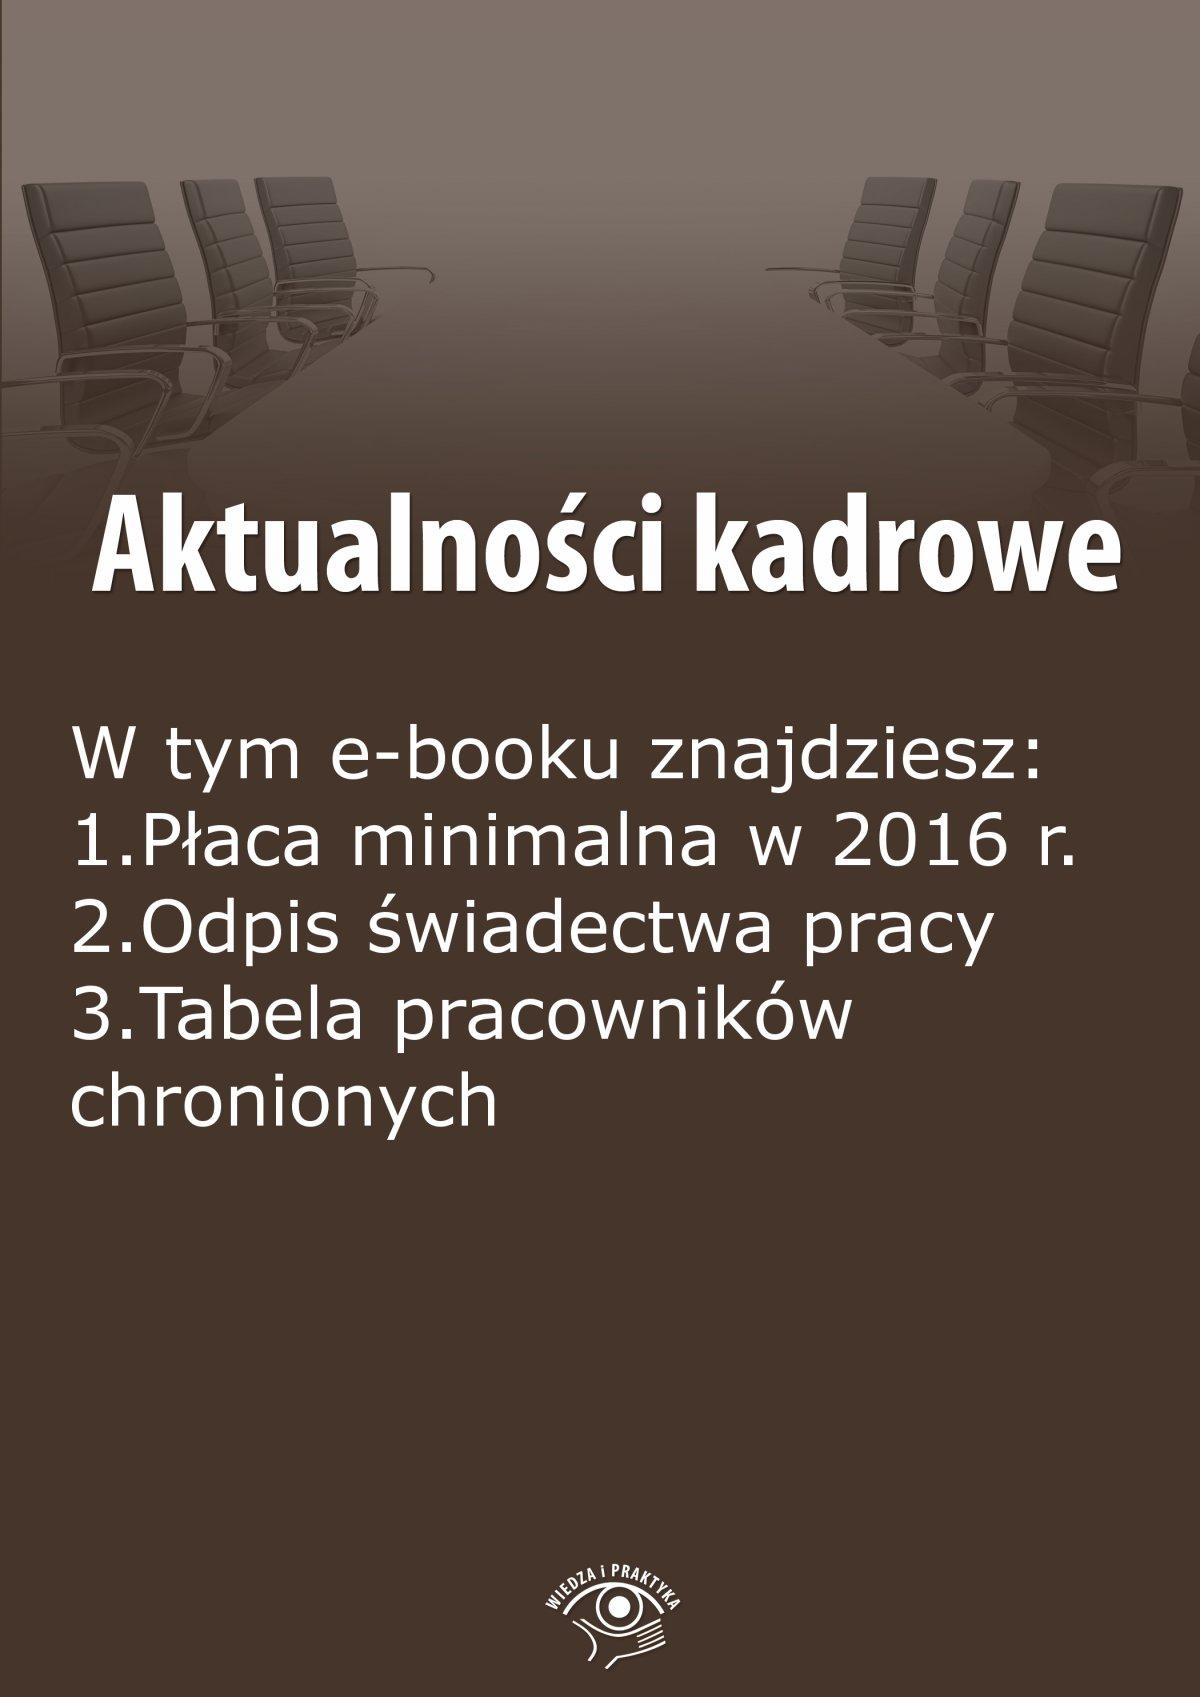 Aktualności kadrowe, wydanie październik 2015 r. - Ebook (Książka na Kindle) do pobrania w formacie MOBI